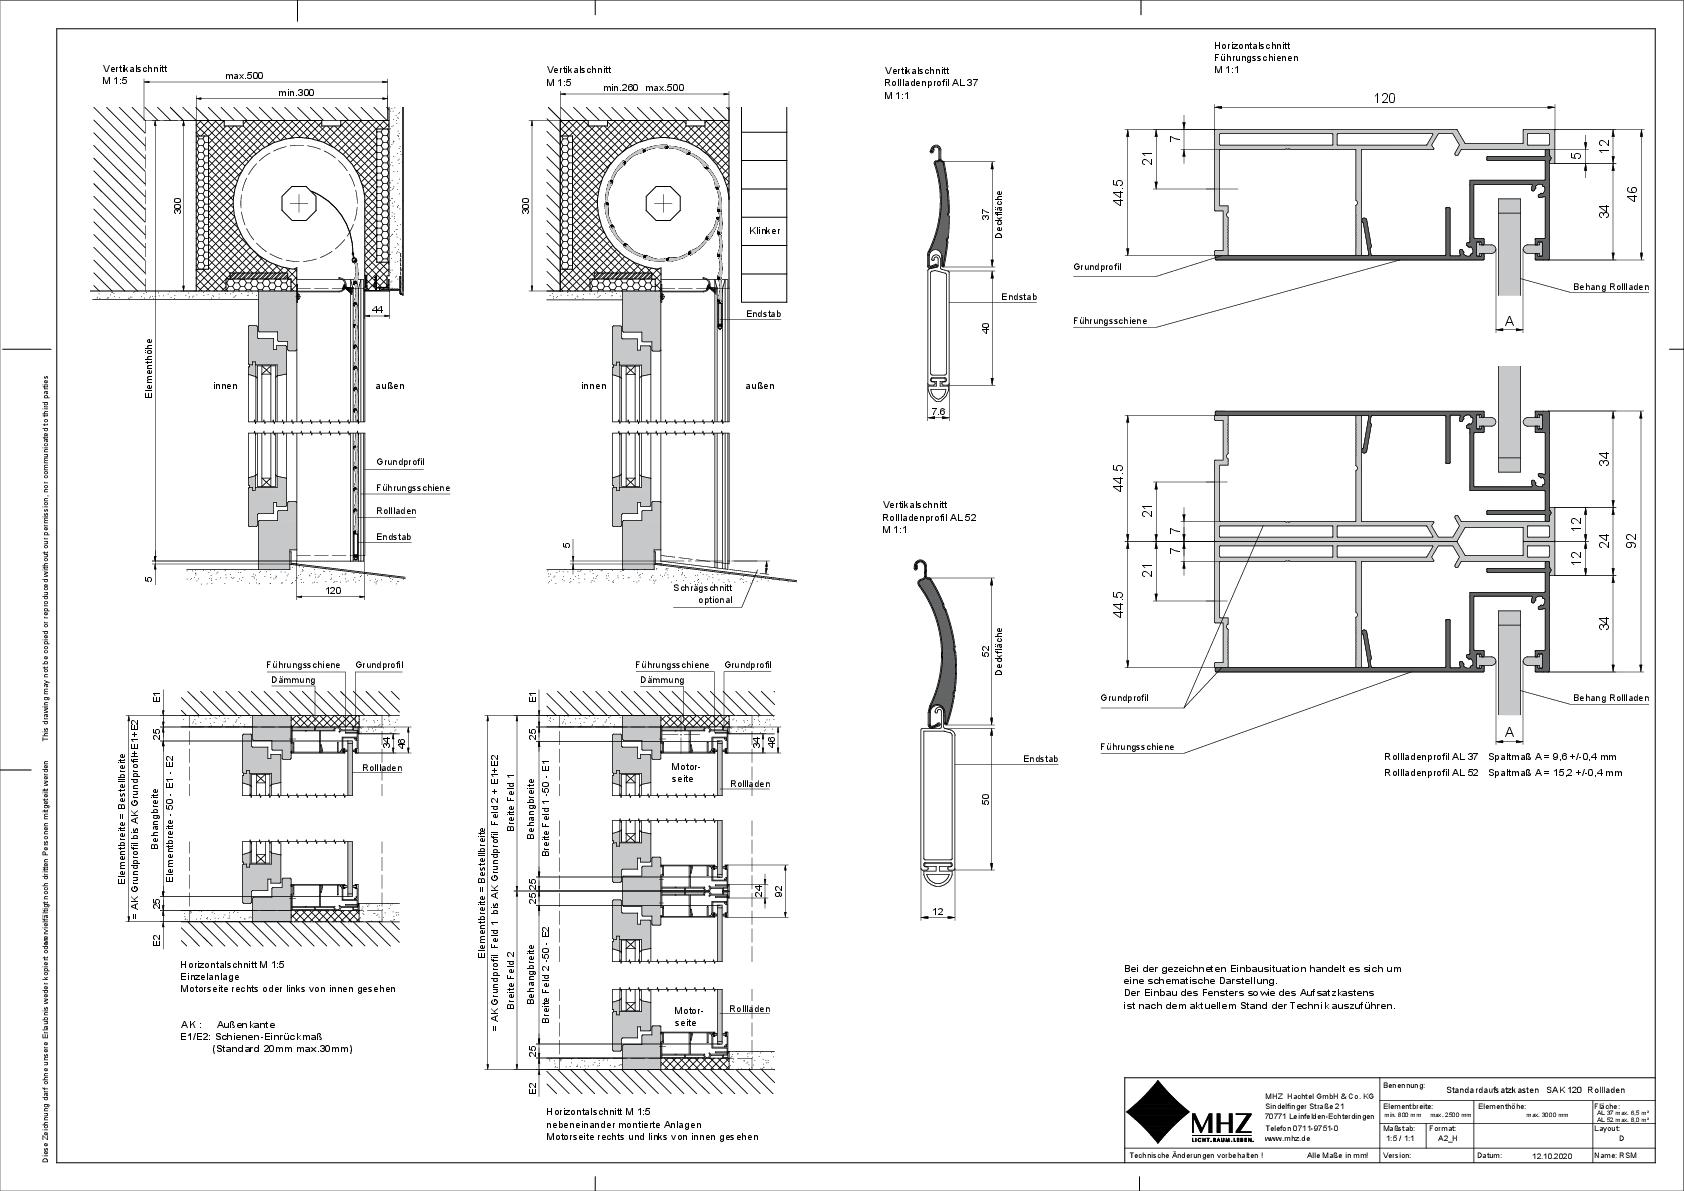 Technische Zeichnung Aufsatzkasten SAK_120 Rollladen (pdf)